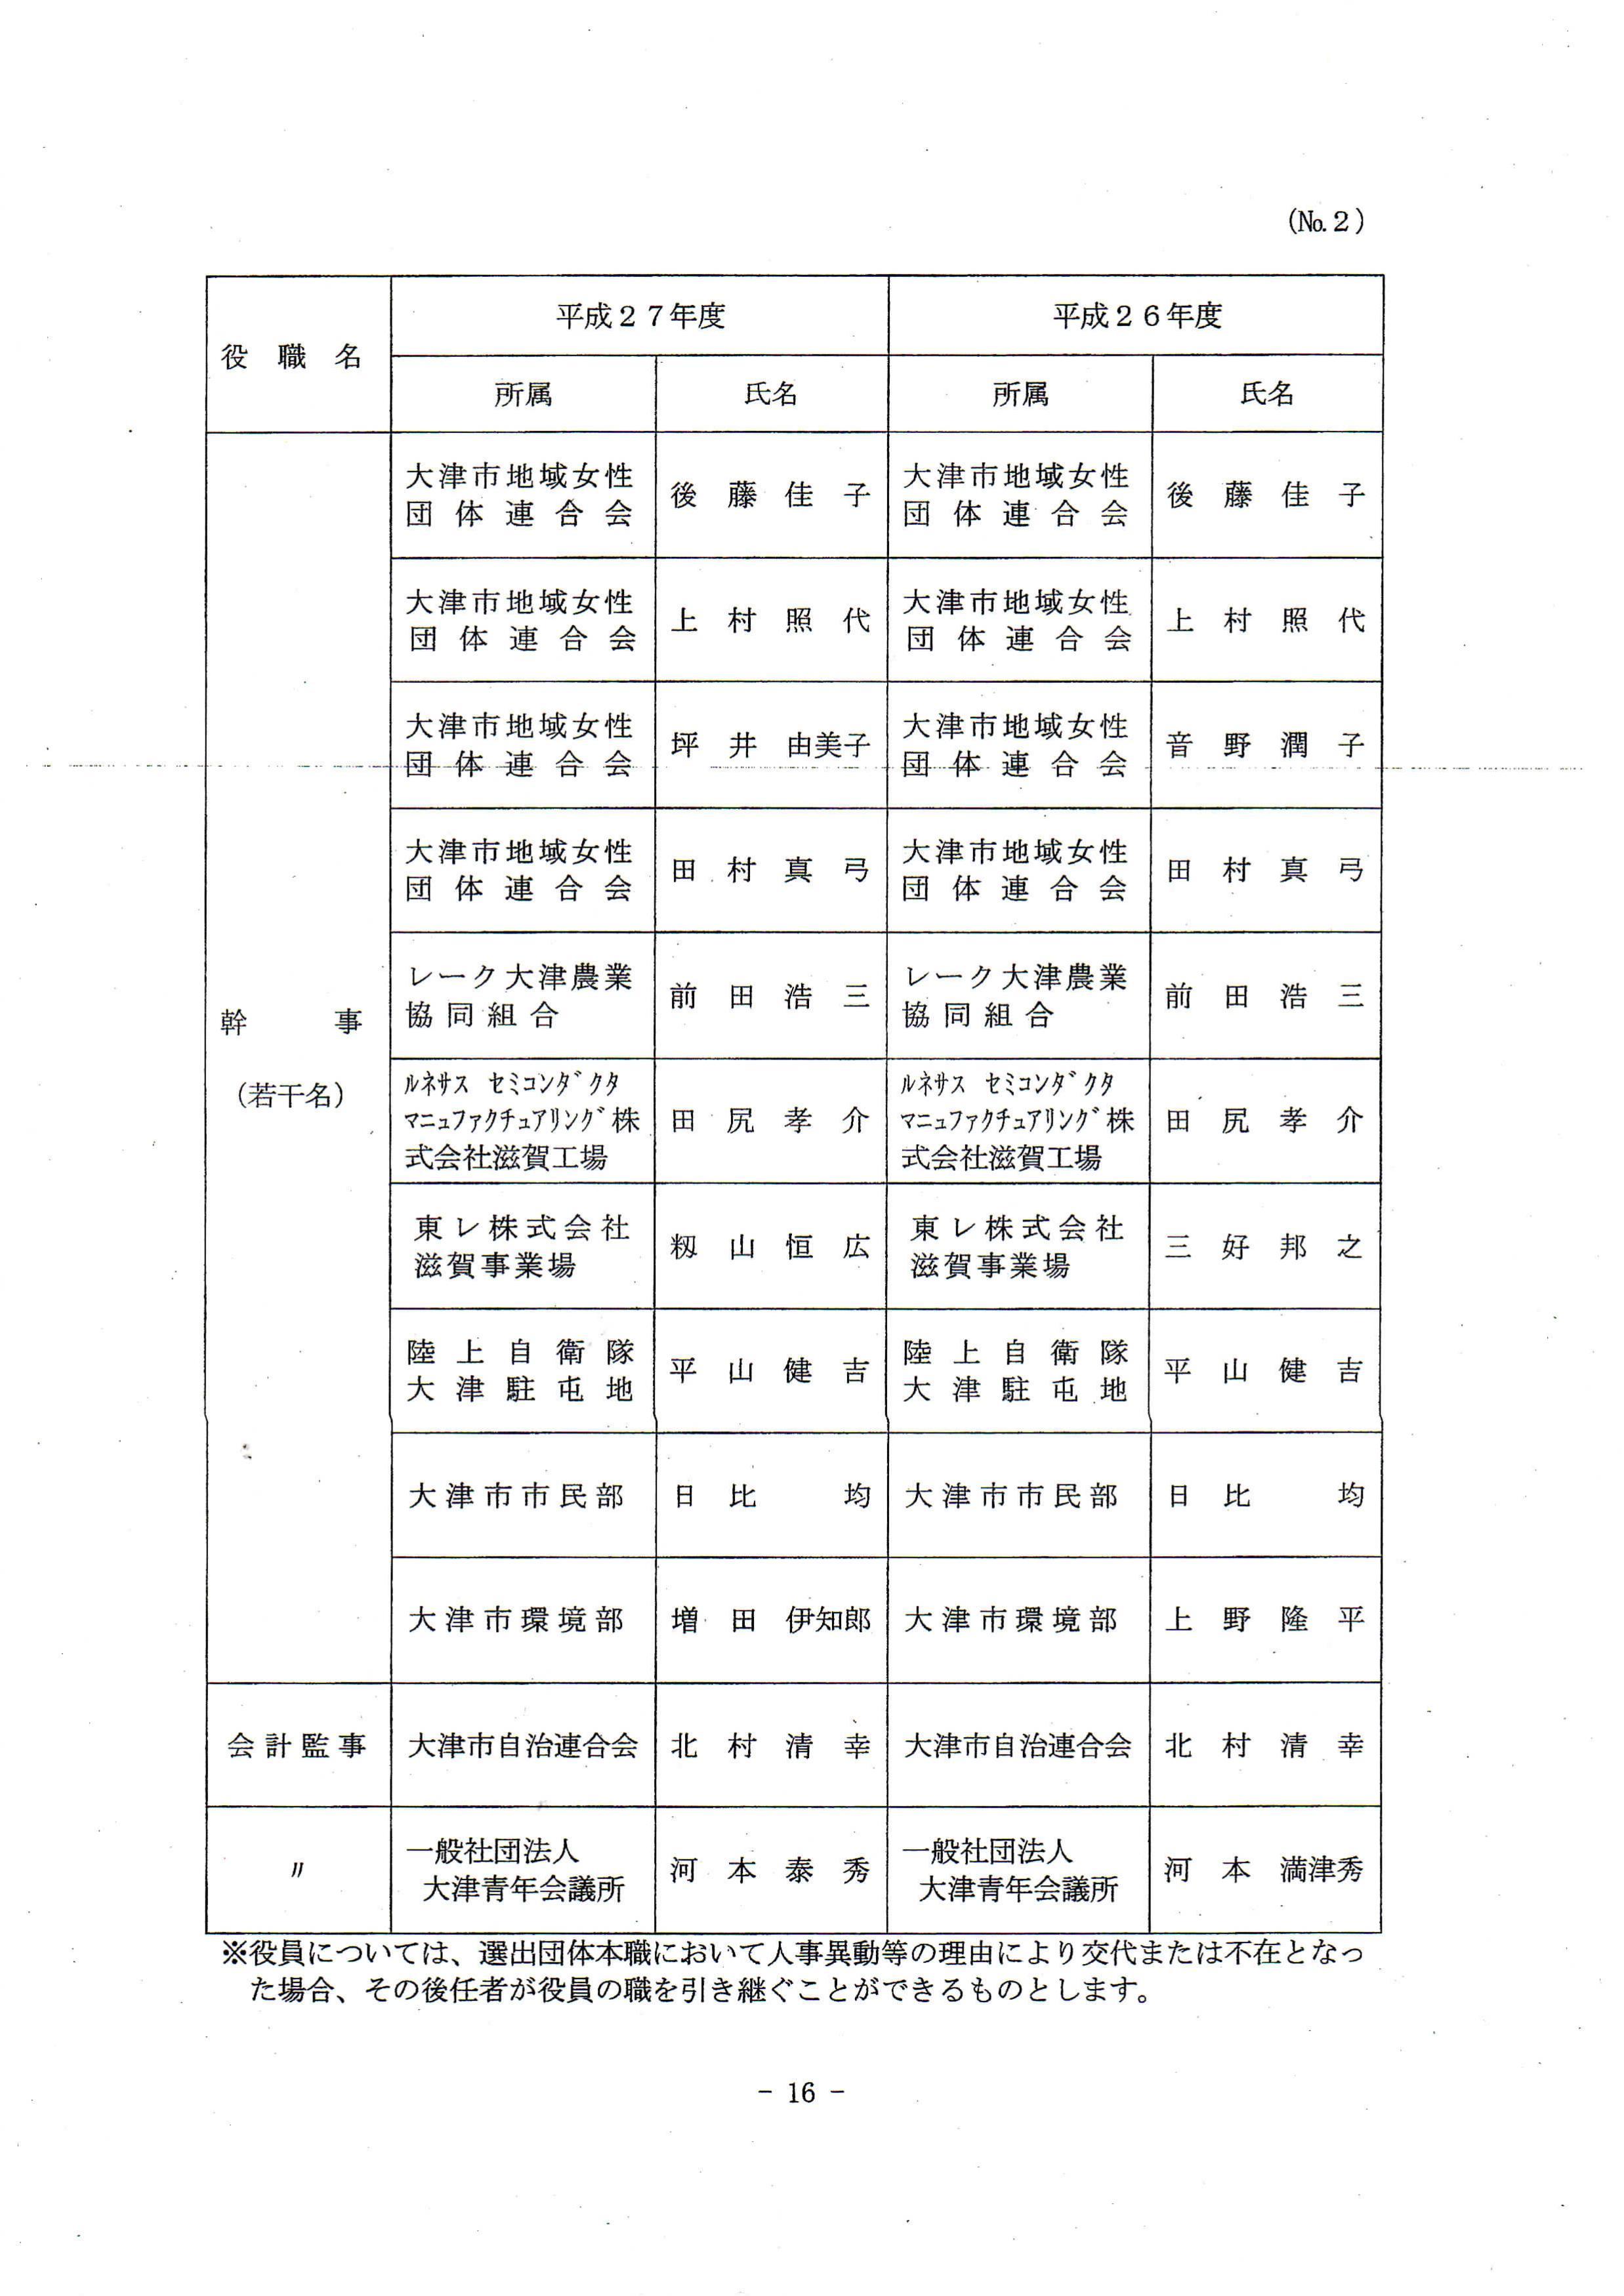 平成27年度琵琶湖を美しくする運動実践本部/役員名簿②_01